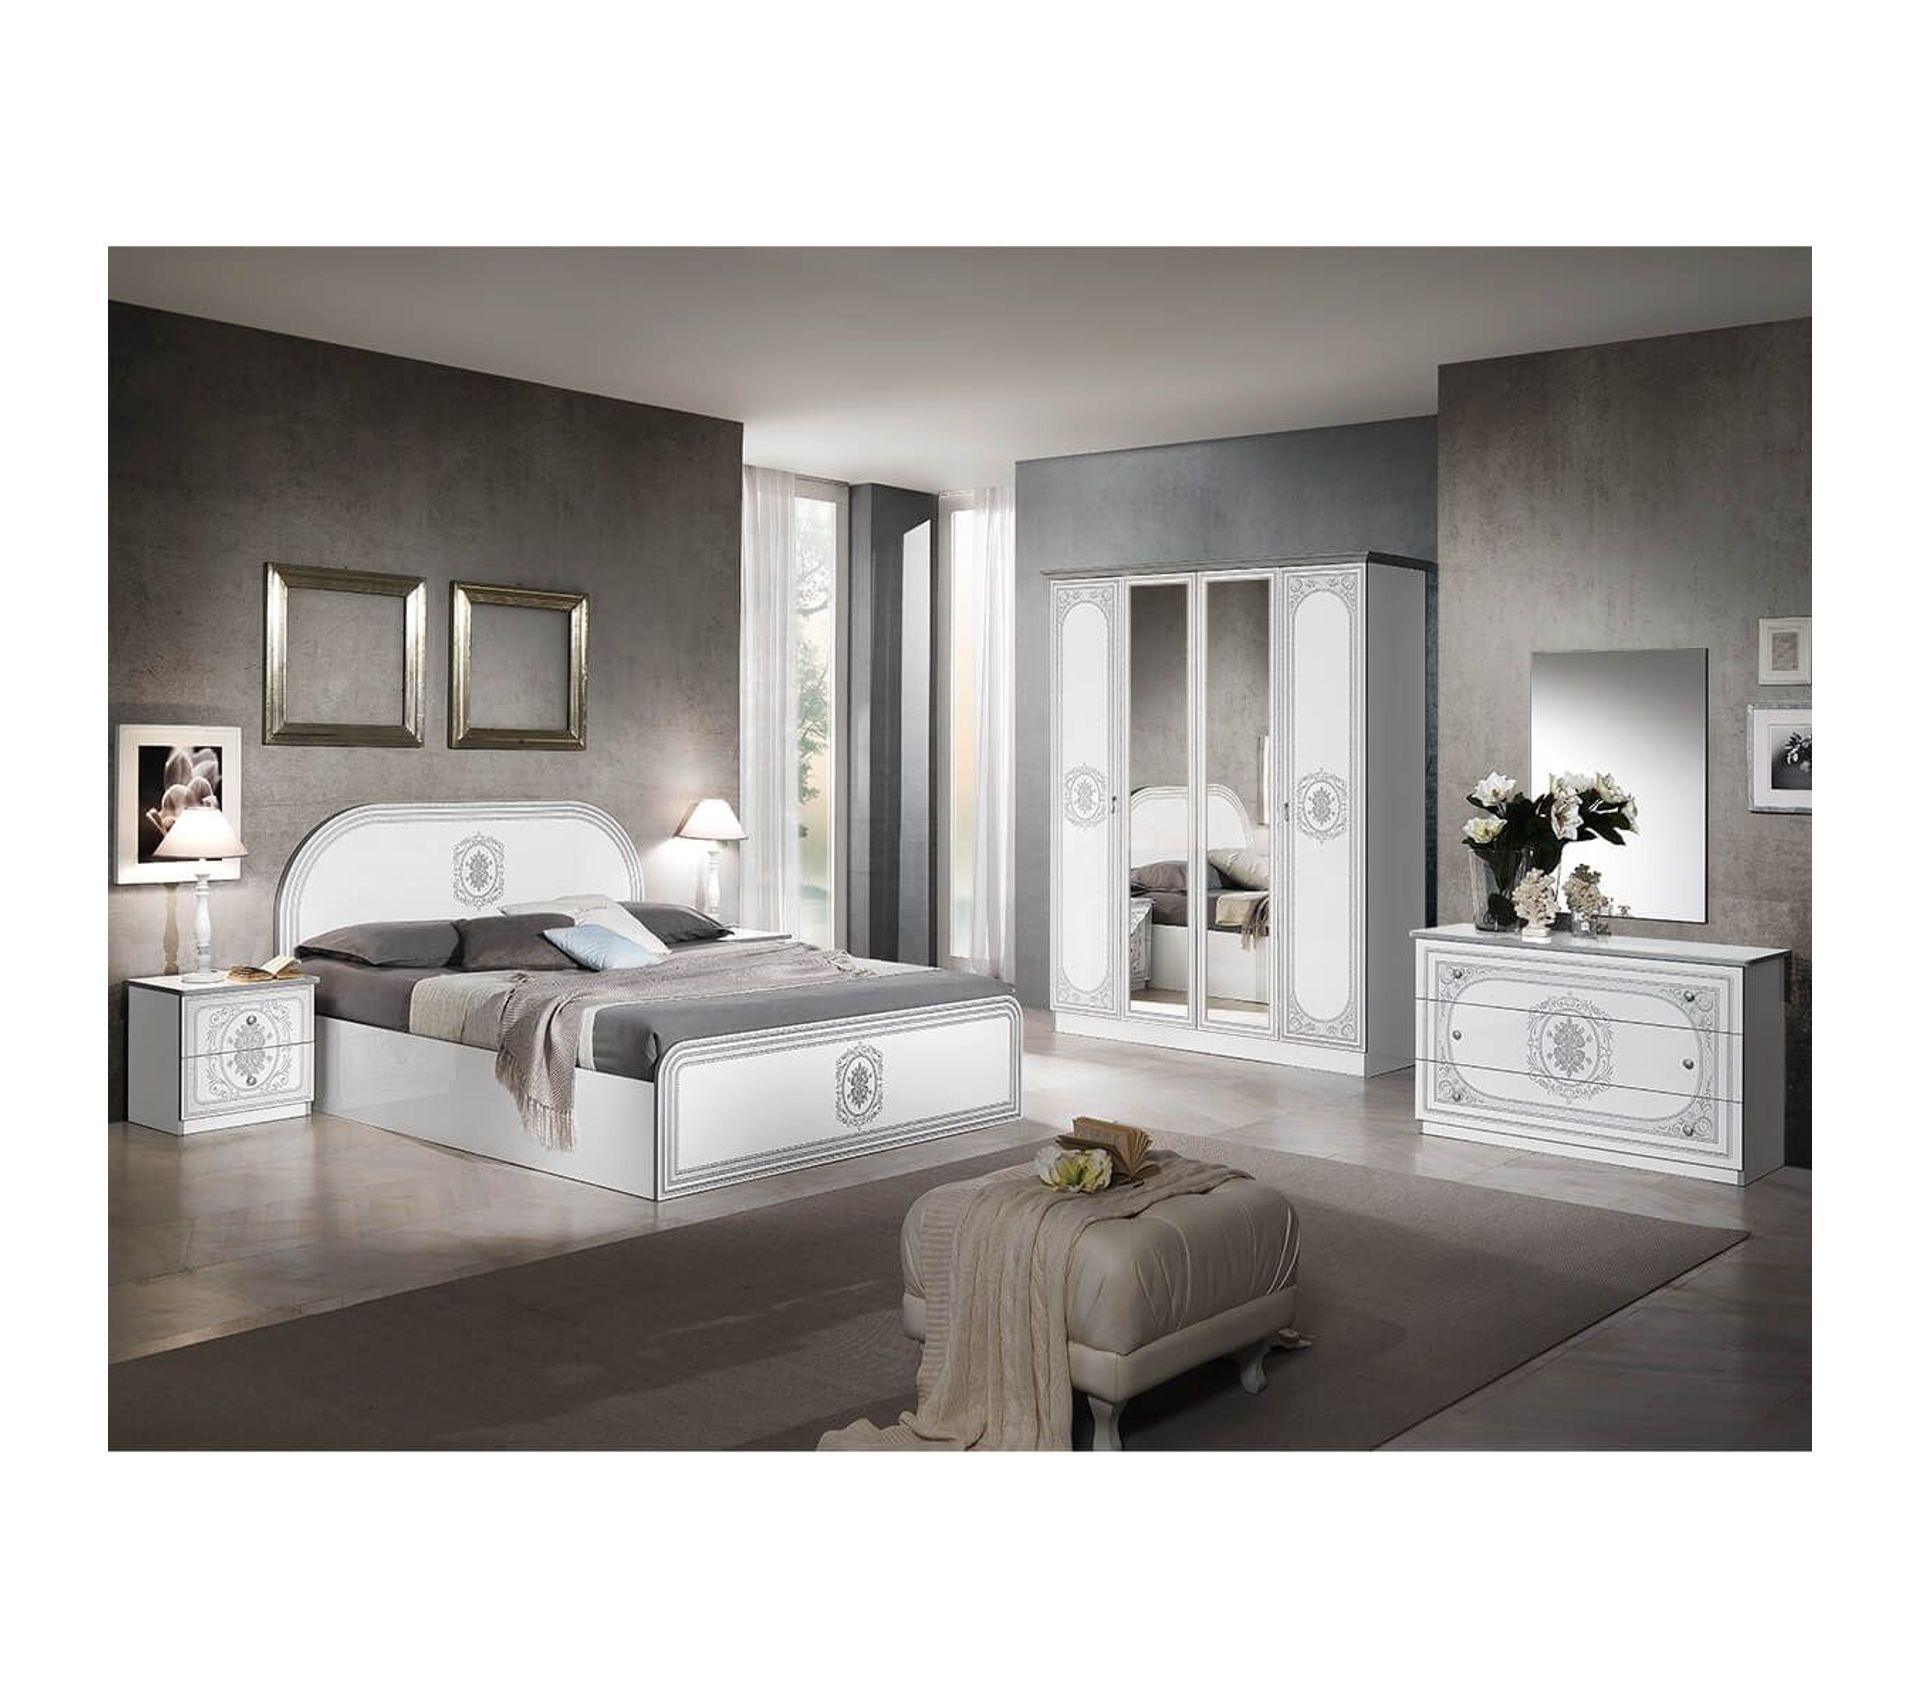 Chambre Matelas Au Sol chambre complète avec lit 160x200 cm - solaya